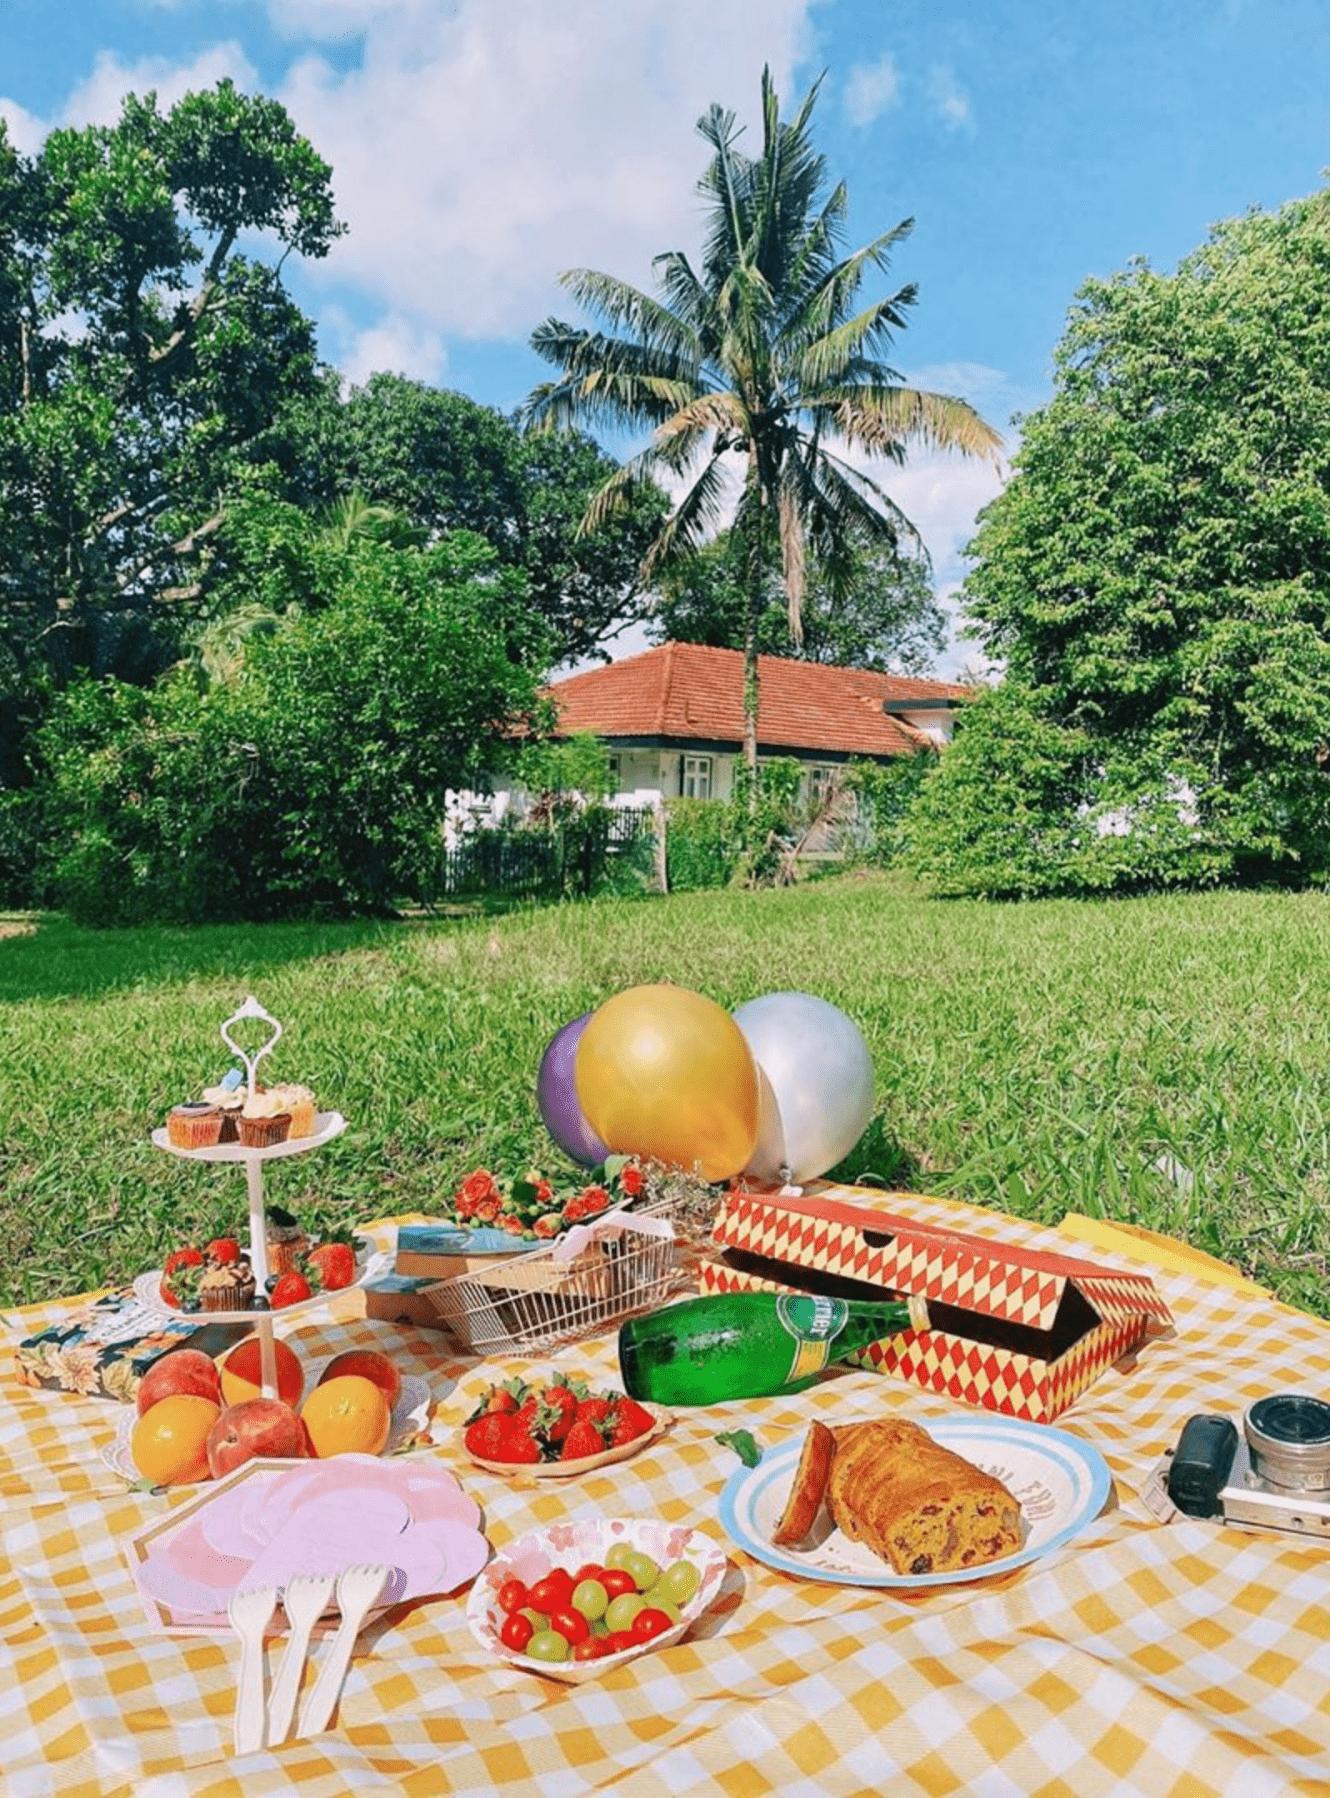 HortPark Singapore - picnic